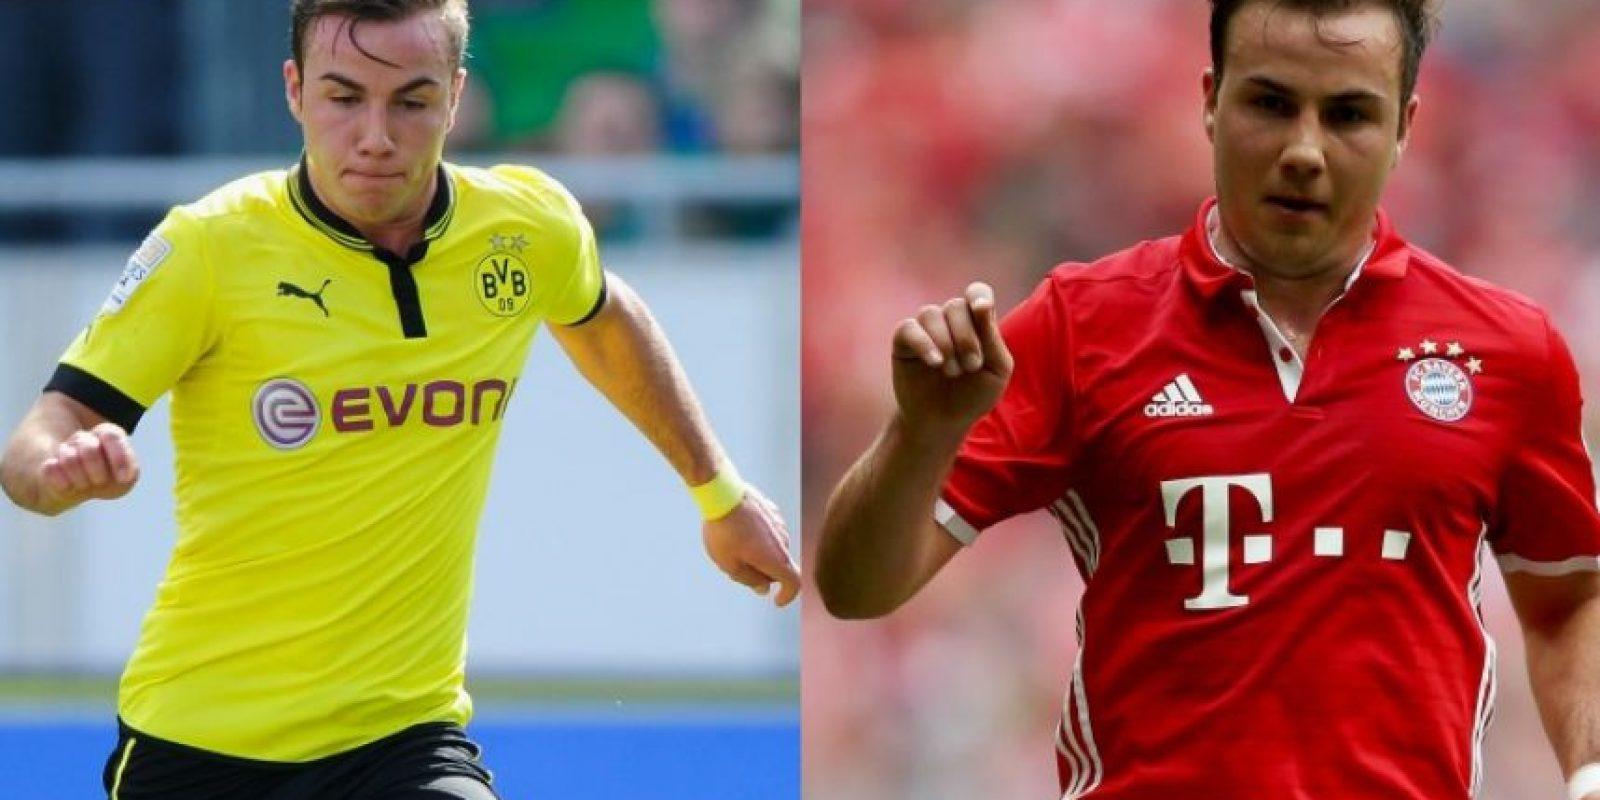 Otro caso de traición en Alemania es el de Mario Gotze, quien dejó Borussia Dortmund, club que lo formó como jugador, para irse a Bayern Munich. Las poleras quemadas estuvieron a la orden del día, pero ahora seguramente las querrán recuperar tras su retorno a Dortmund Foto:Getty Images